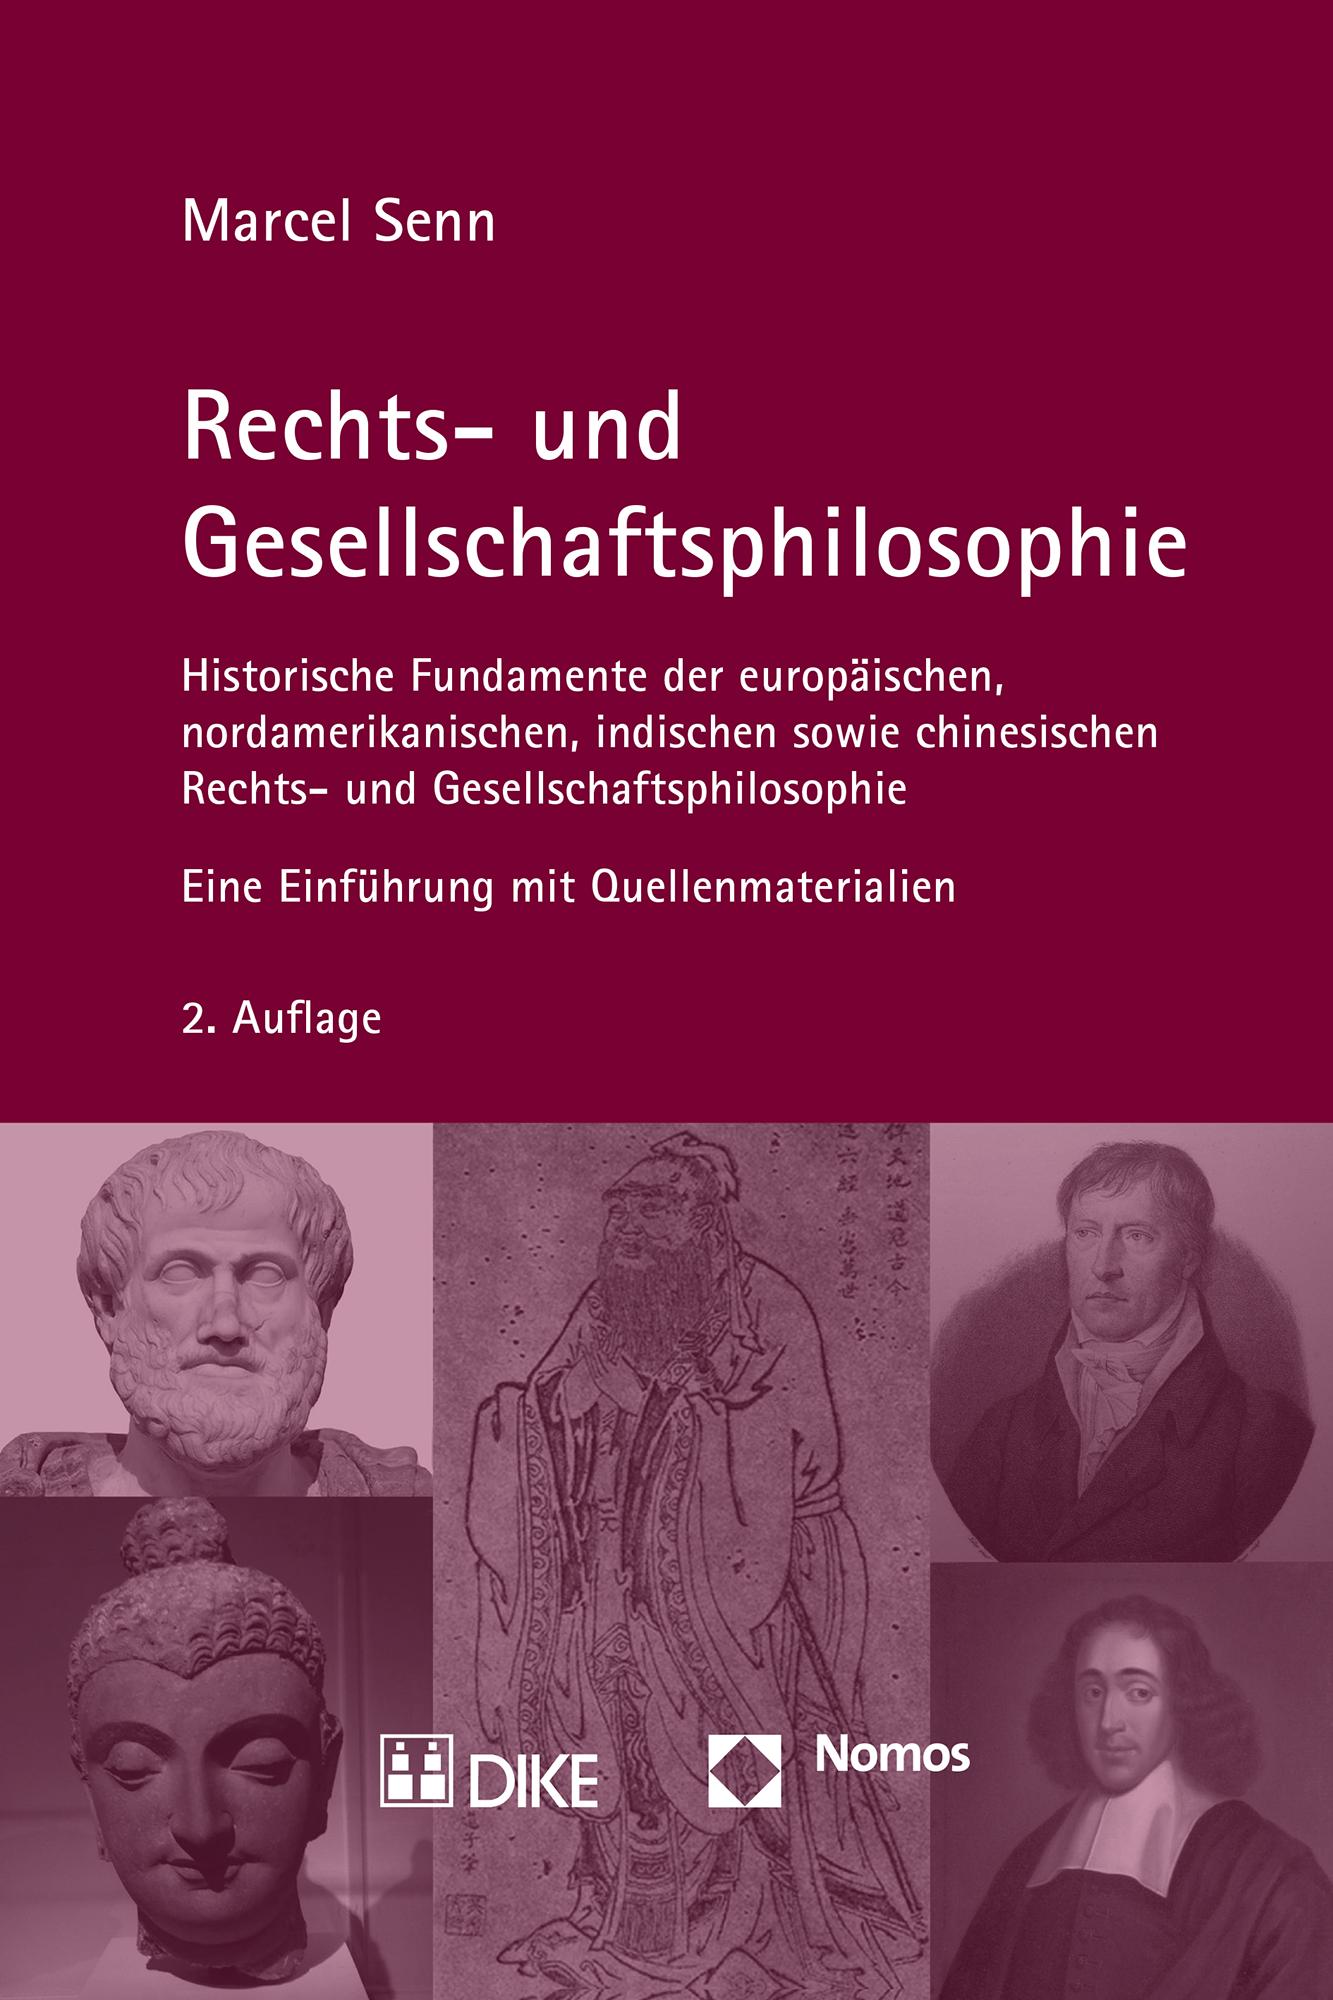 Rechts- und Gesellschaftsphilosophie